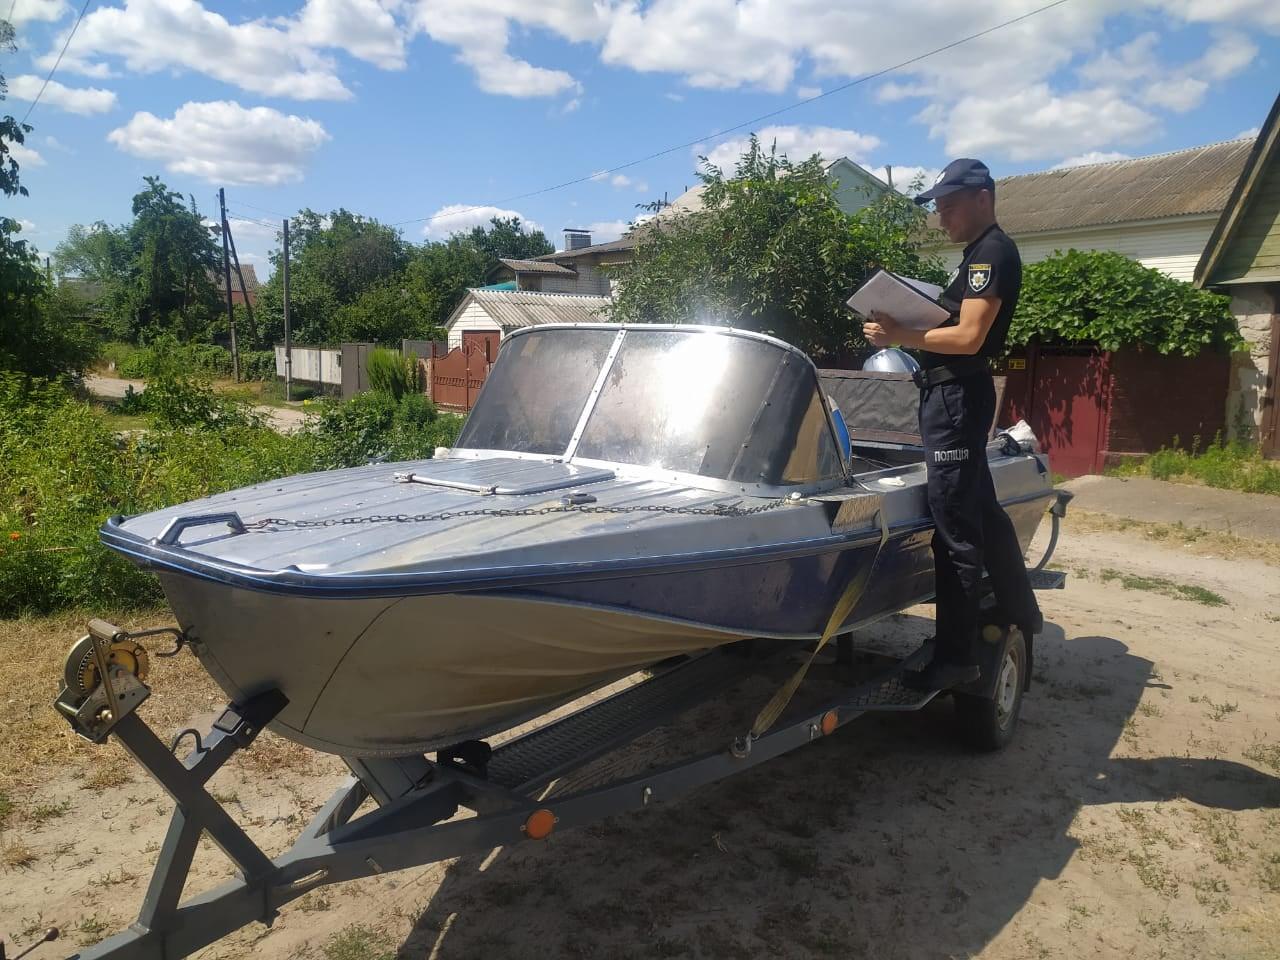 У Чернігові поліція опитала водія човна, який травмував плавця у Десні. ФОТО